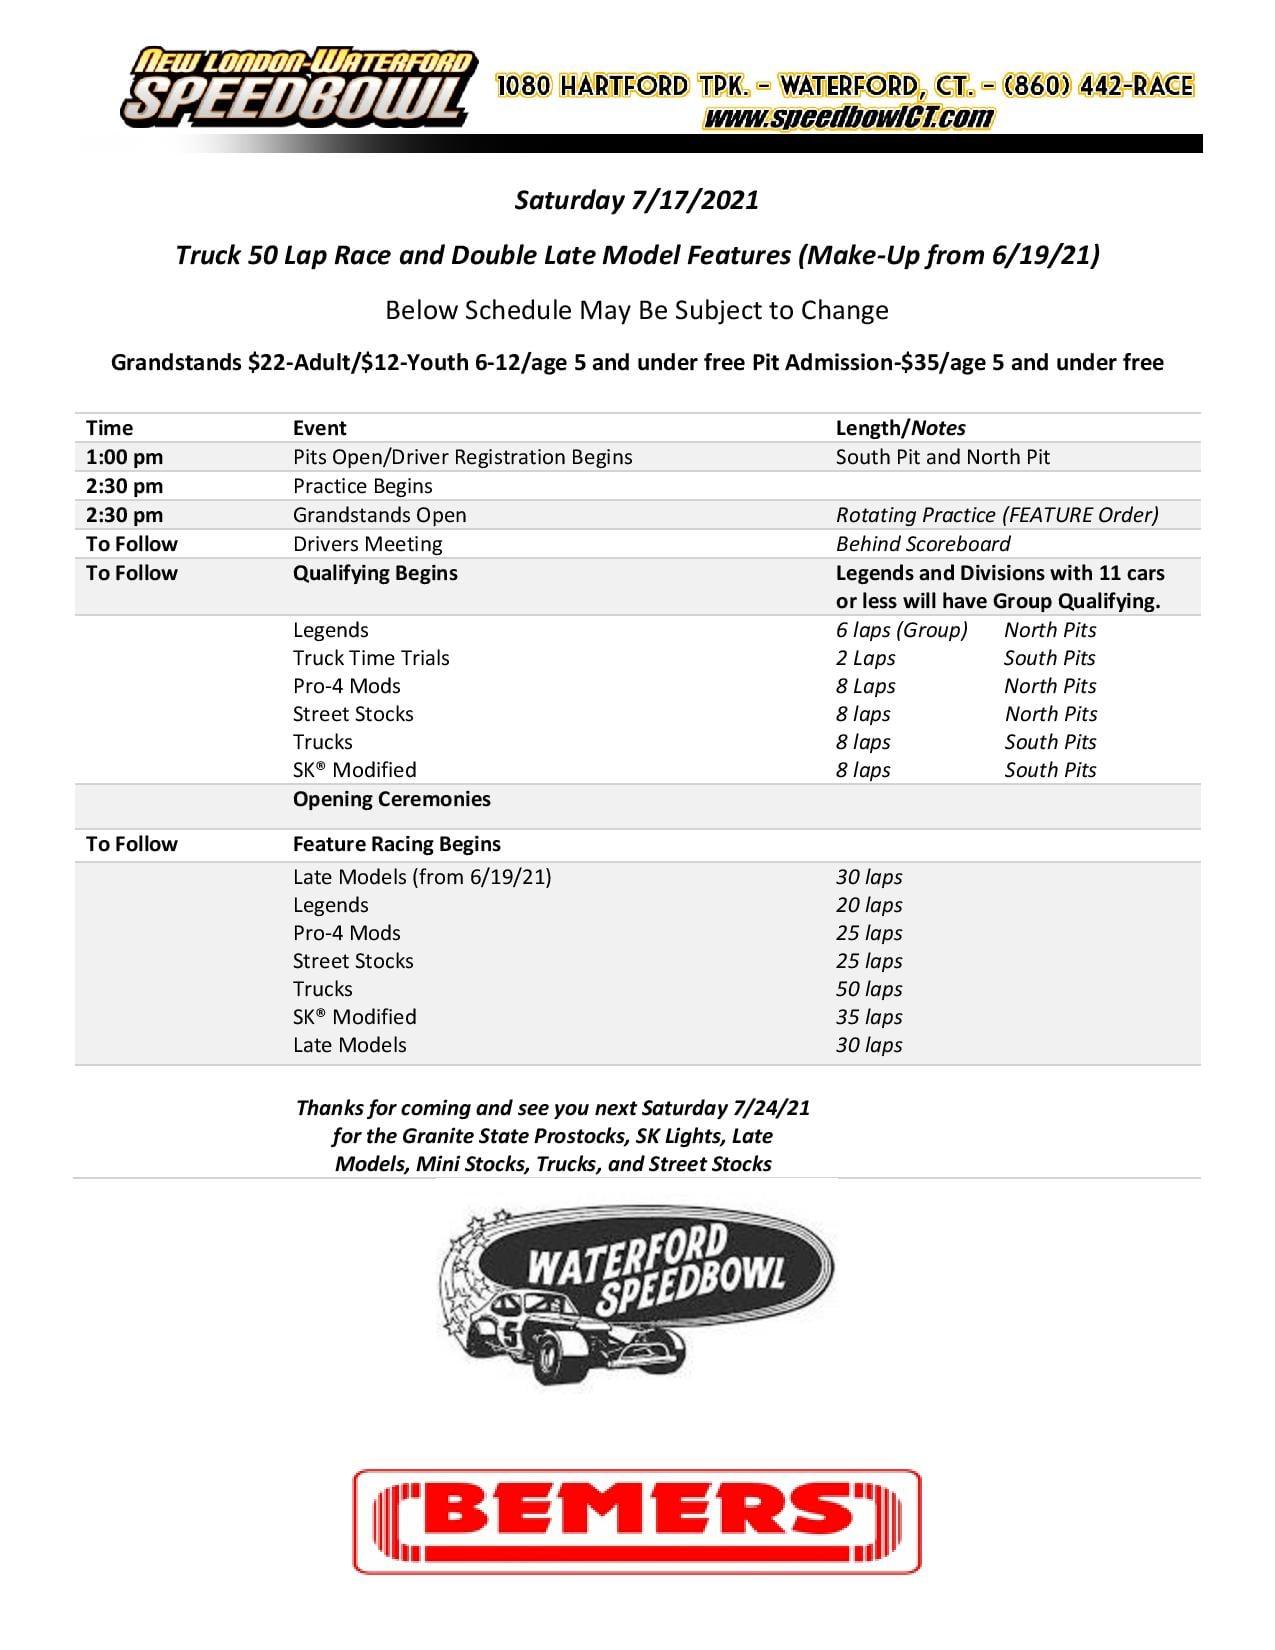 Saturday Raceday Schedule